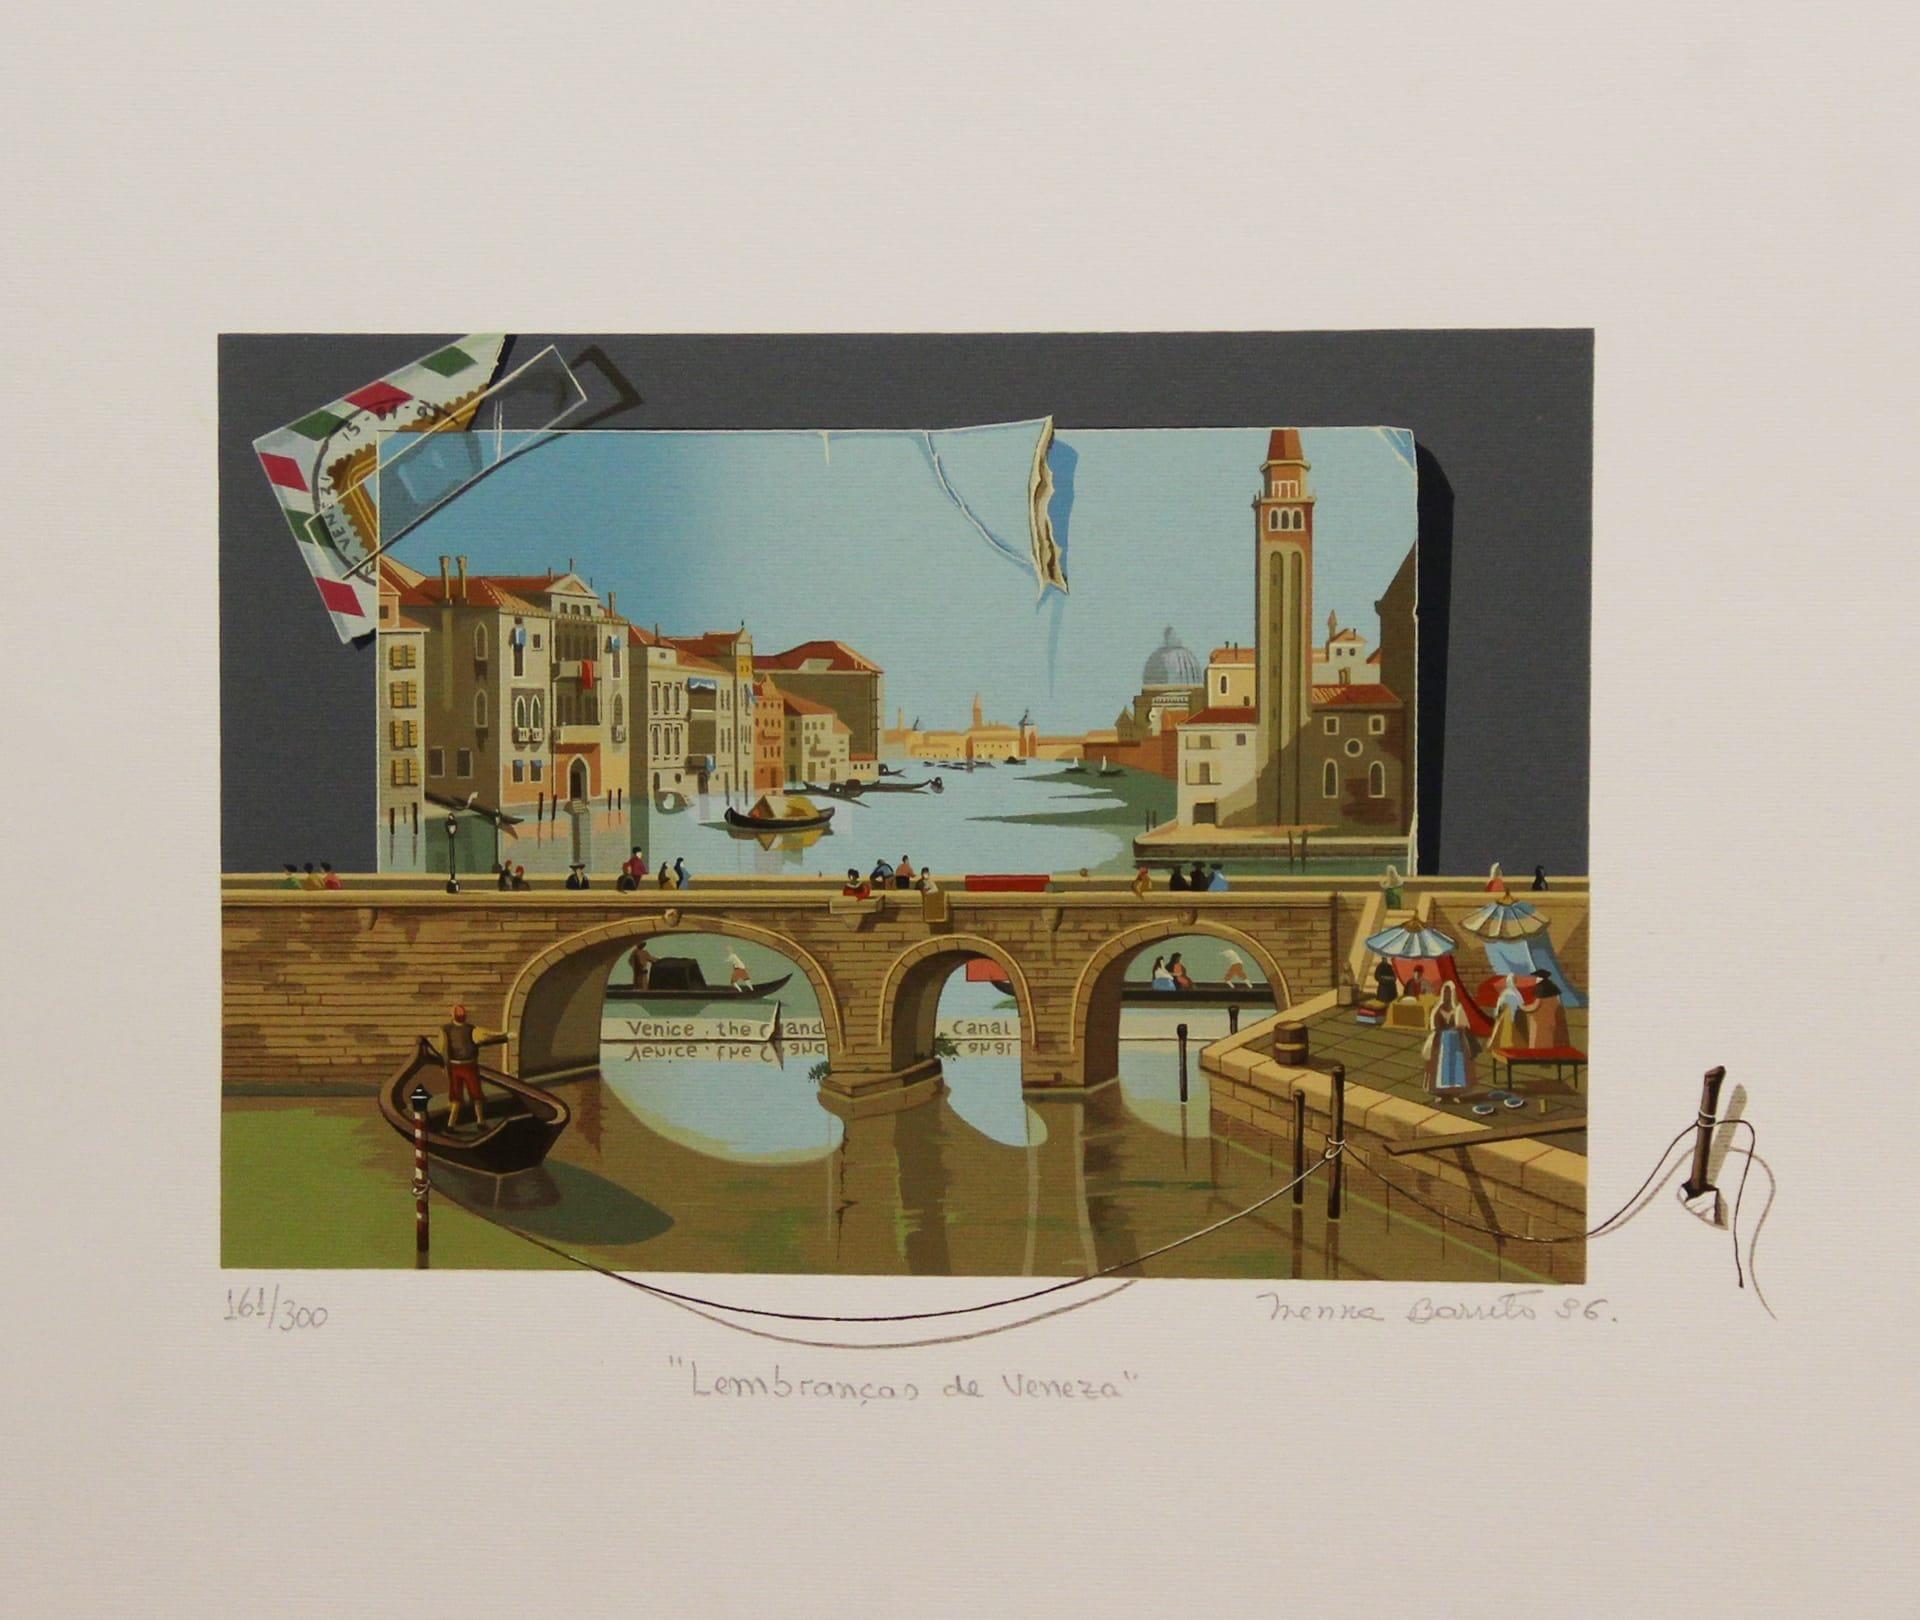 Lembranças de Veneza